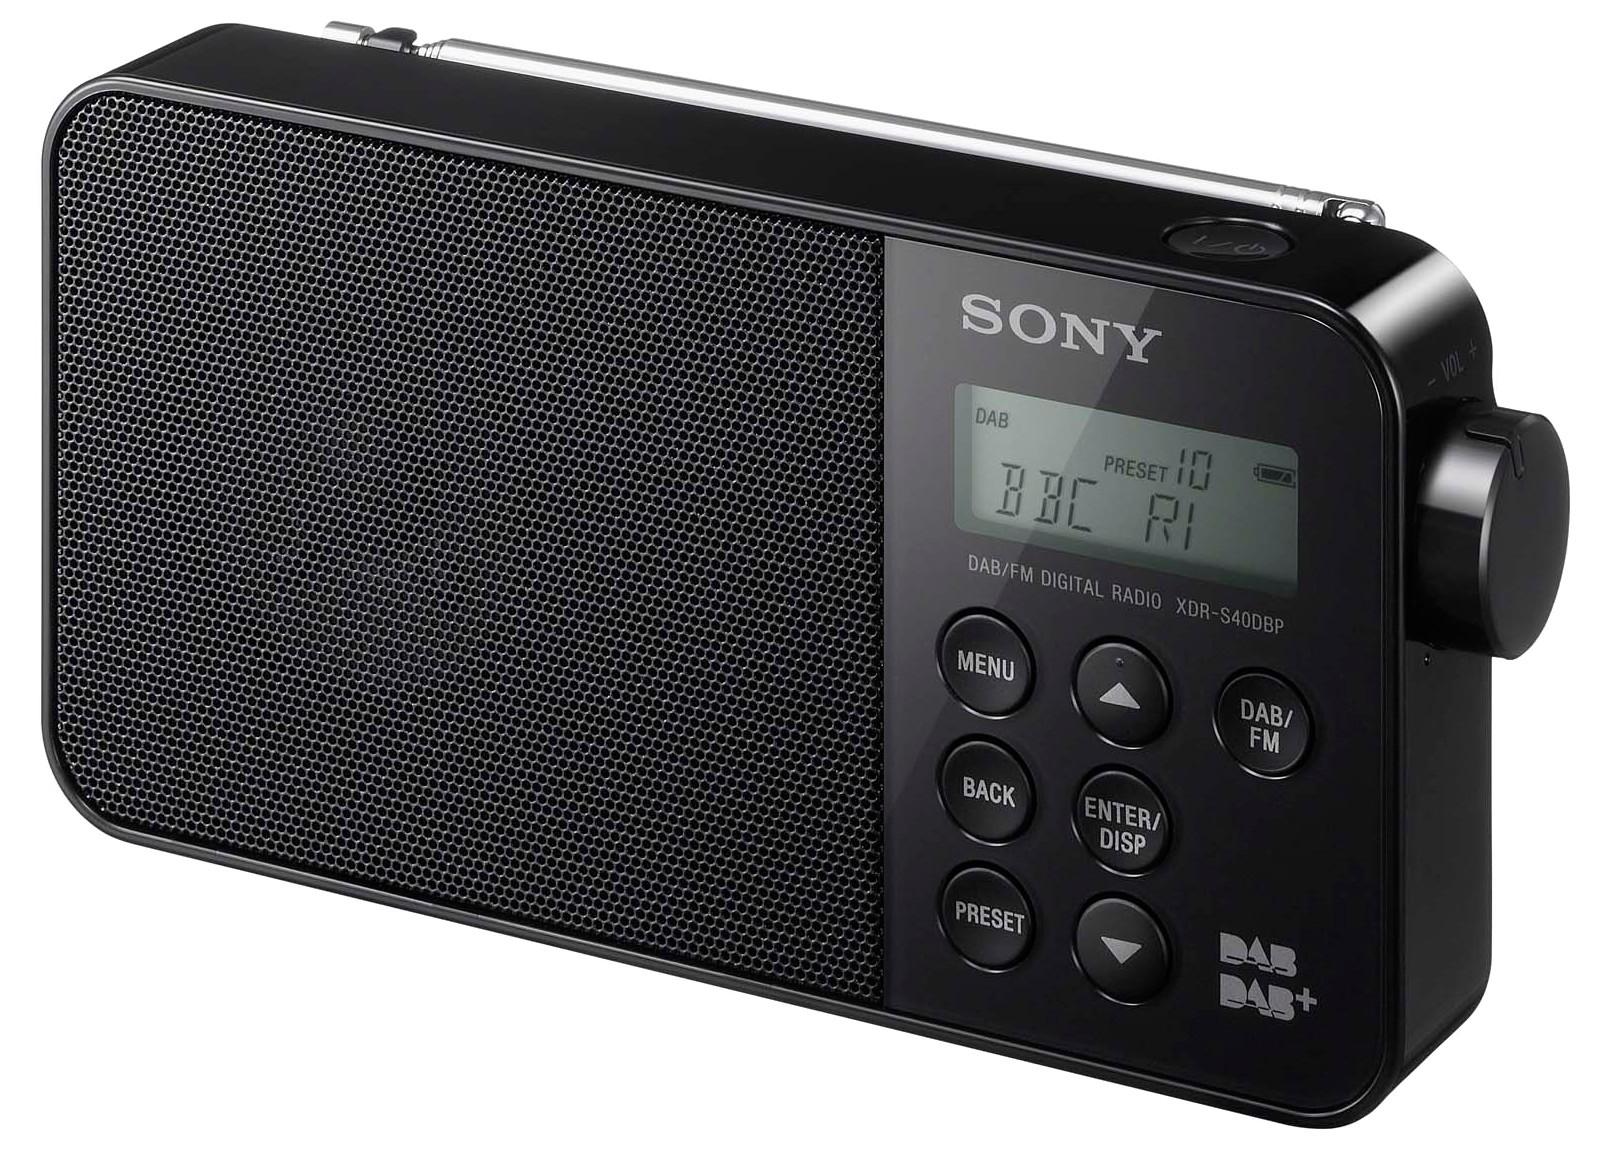 XDRS40DBPB.CED : Sony DAB+ radio XDR-S40DBP (sort)